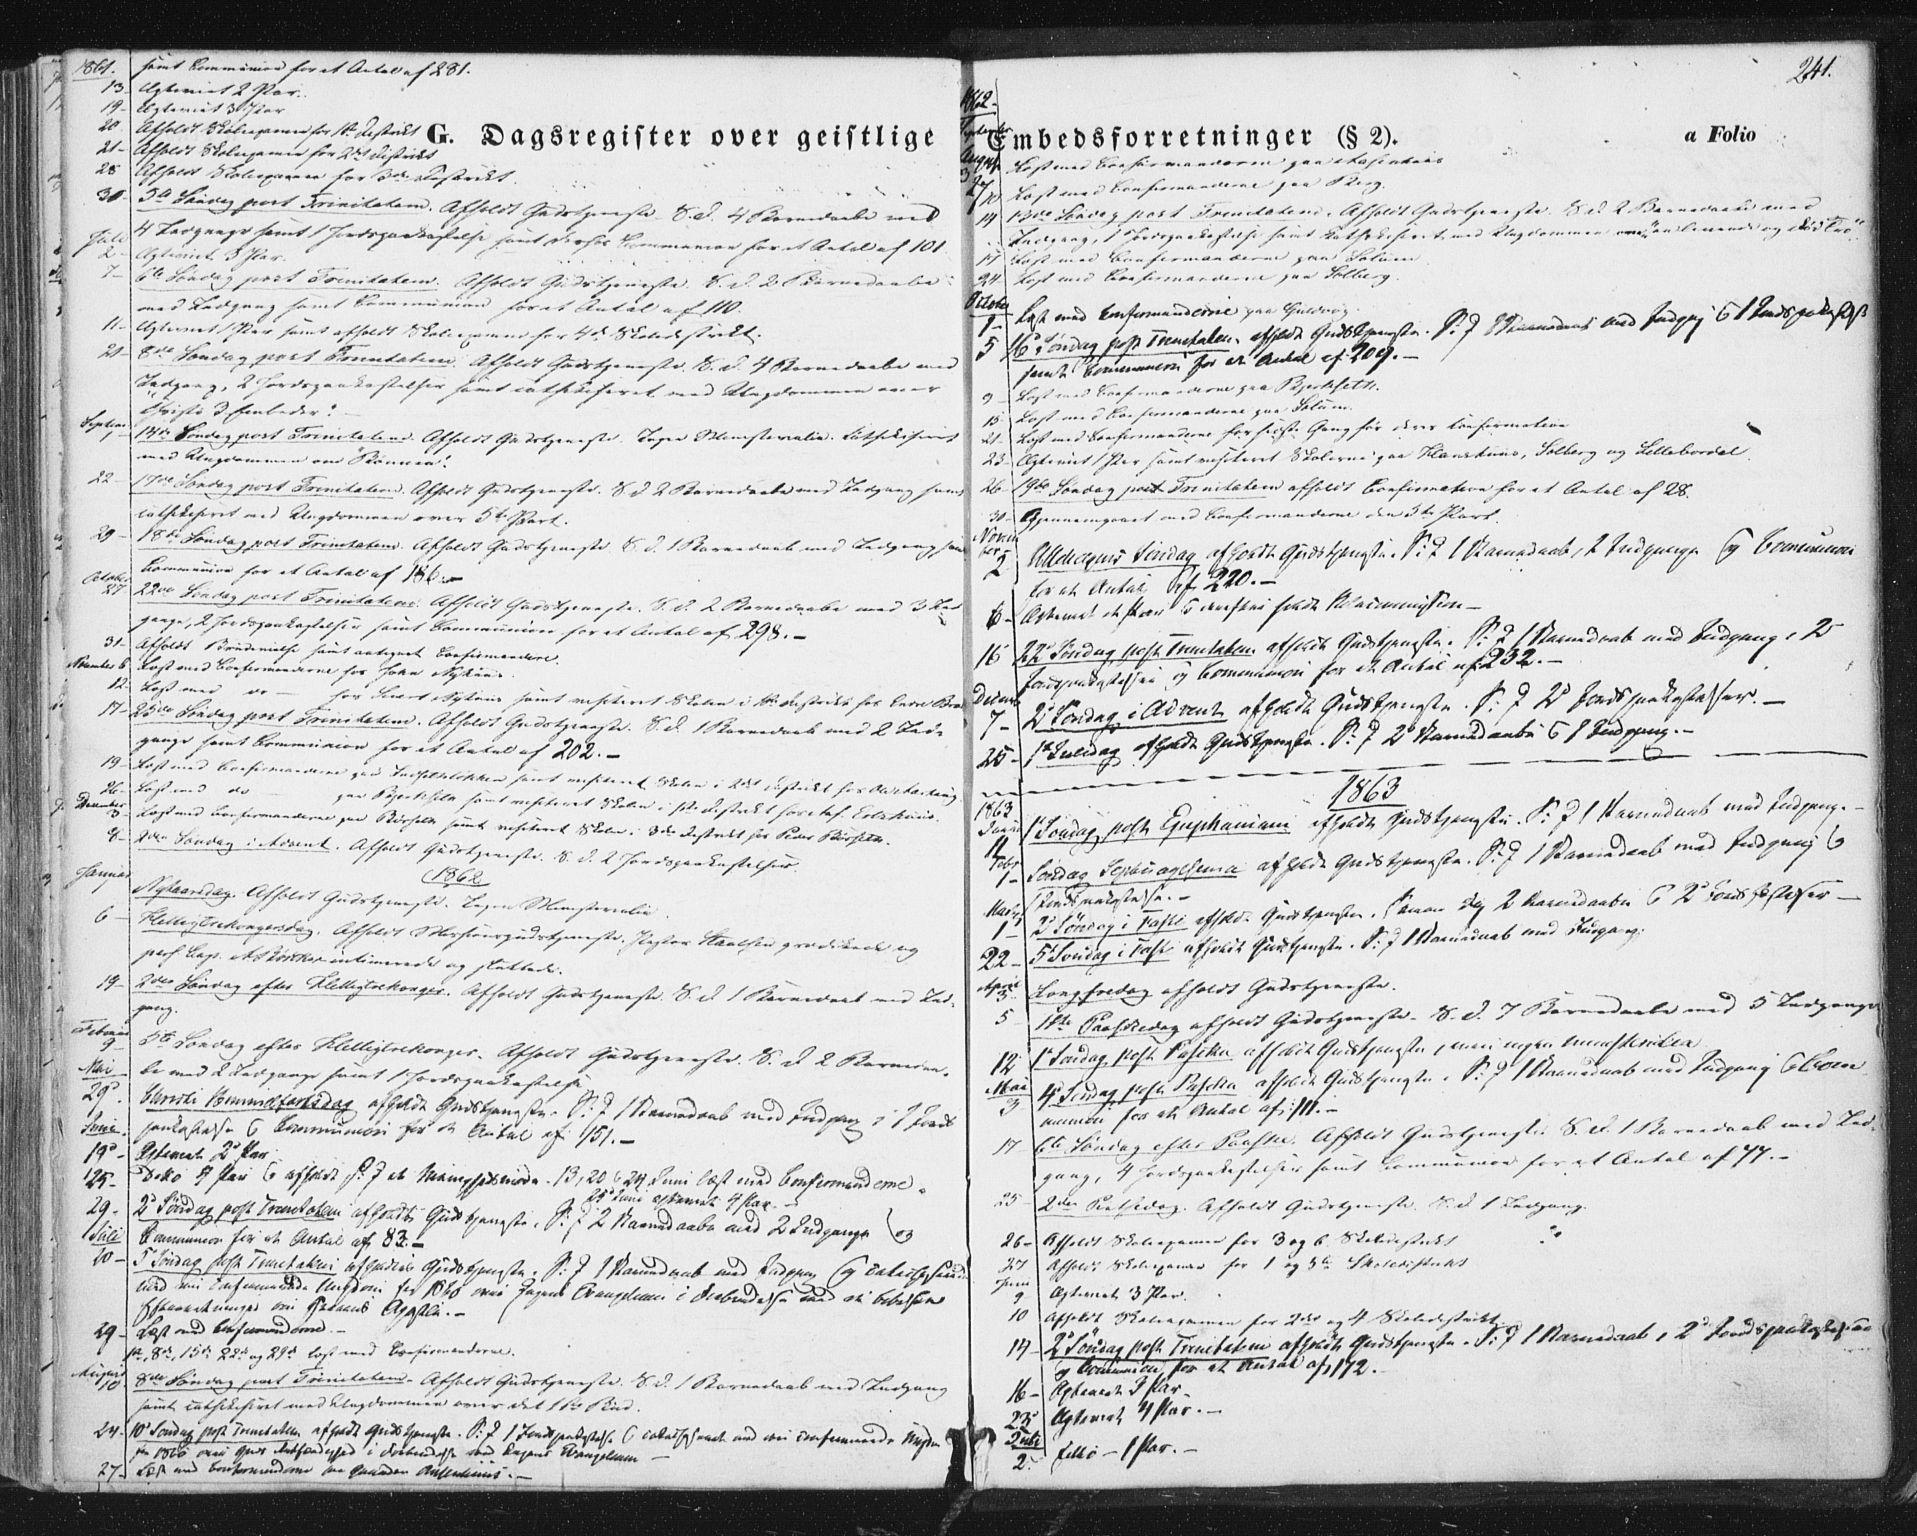 SAT, Ministerialprotokoller, klokkerbøker og fødselsregistre - Sør-Trøndelag, 689/L1038: Ministerialbok nr. 689A03, 1848-1872, s. 241